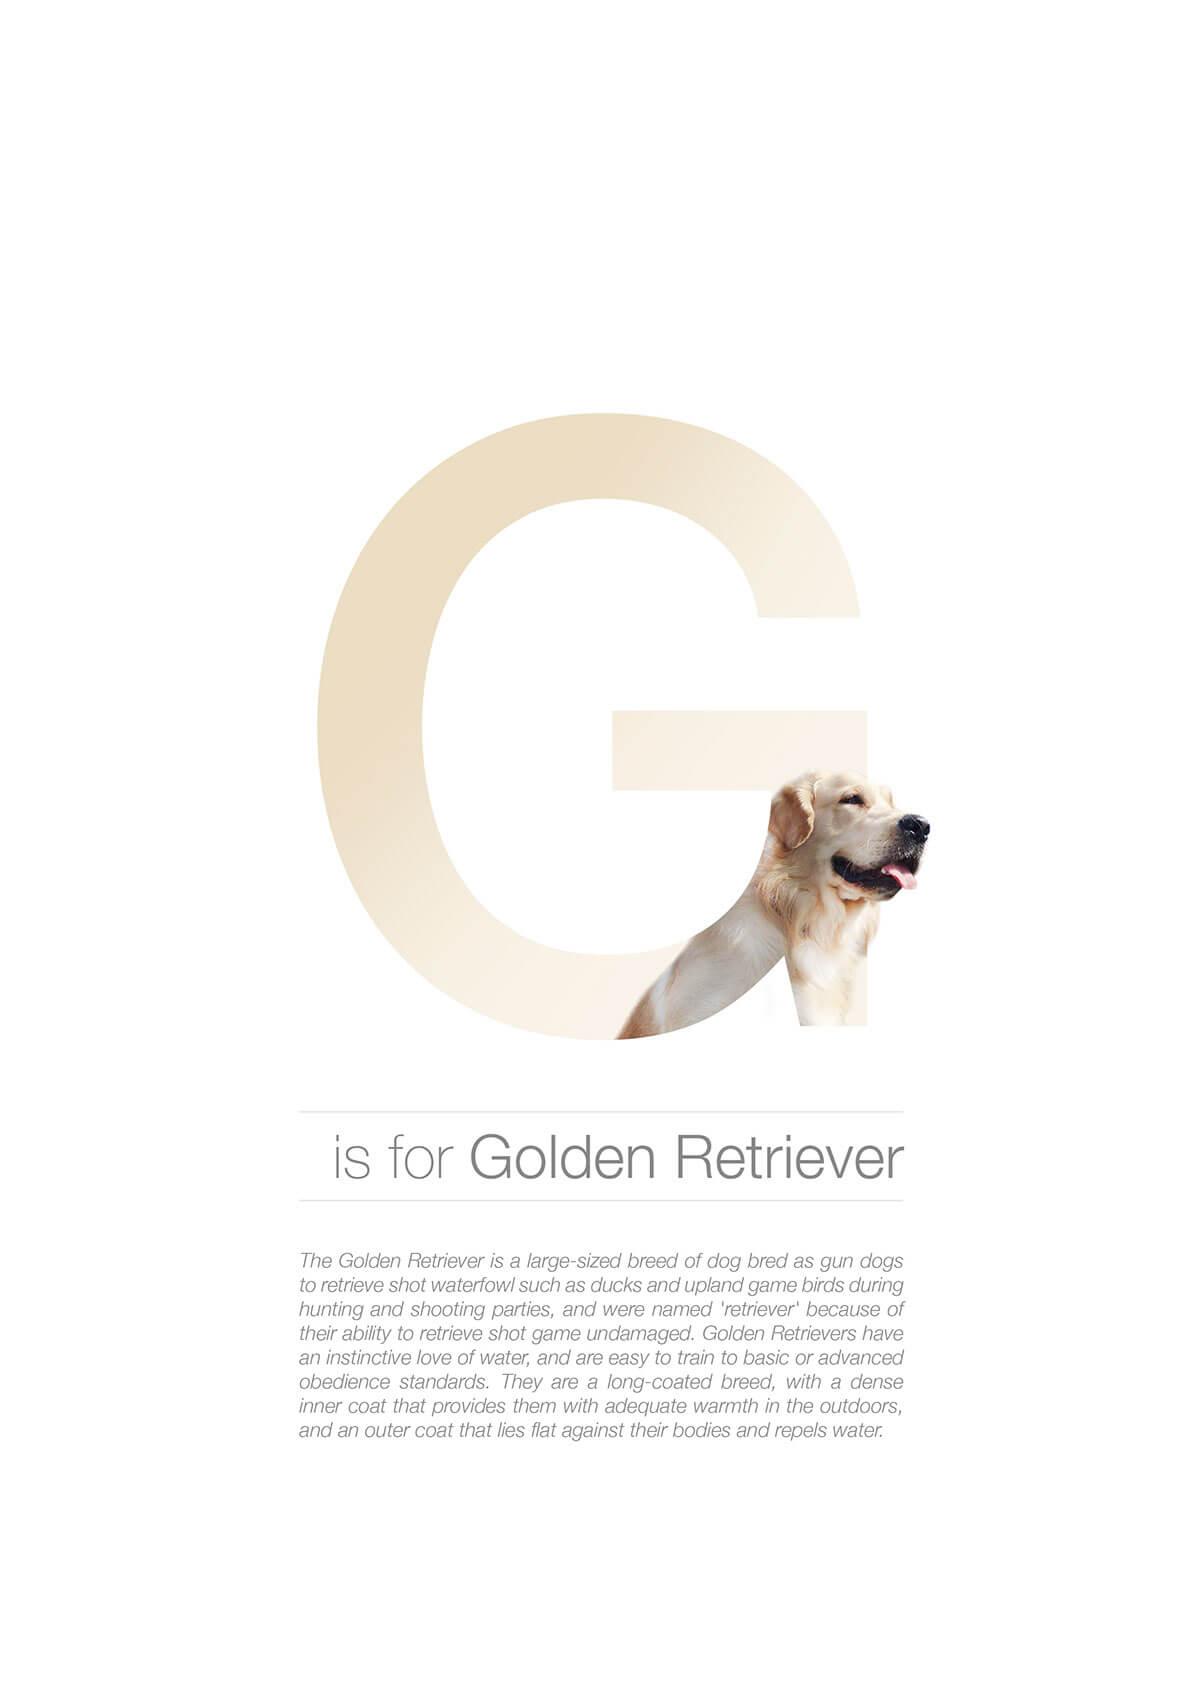 G ตัวอักษรกราฟฟิค A Z สายพันธุ์หมาไอเดียน่ารักจากดีไซน์เนอร์โรมาเนีย